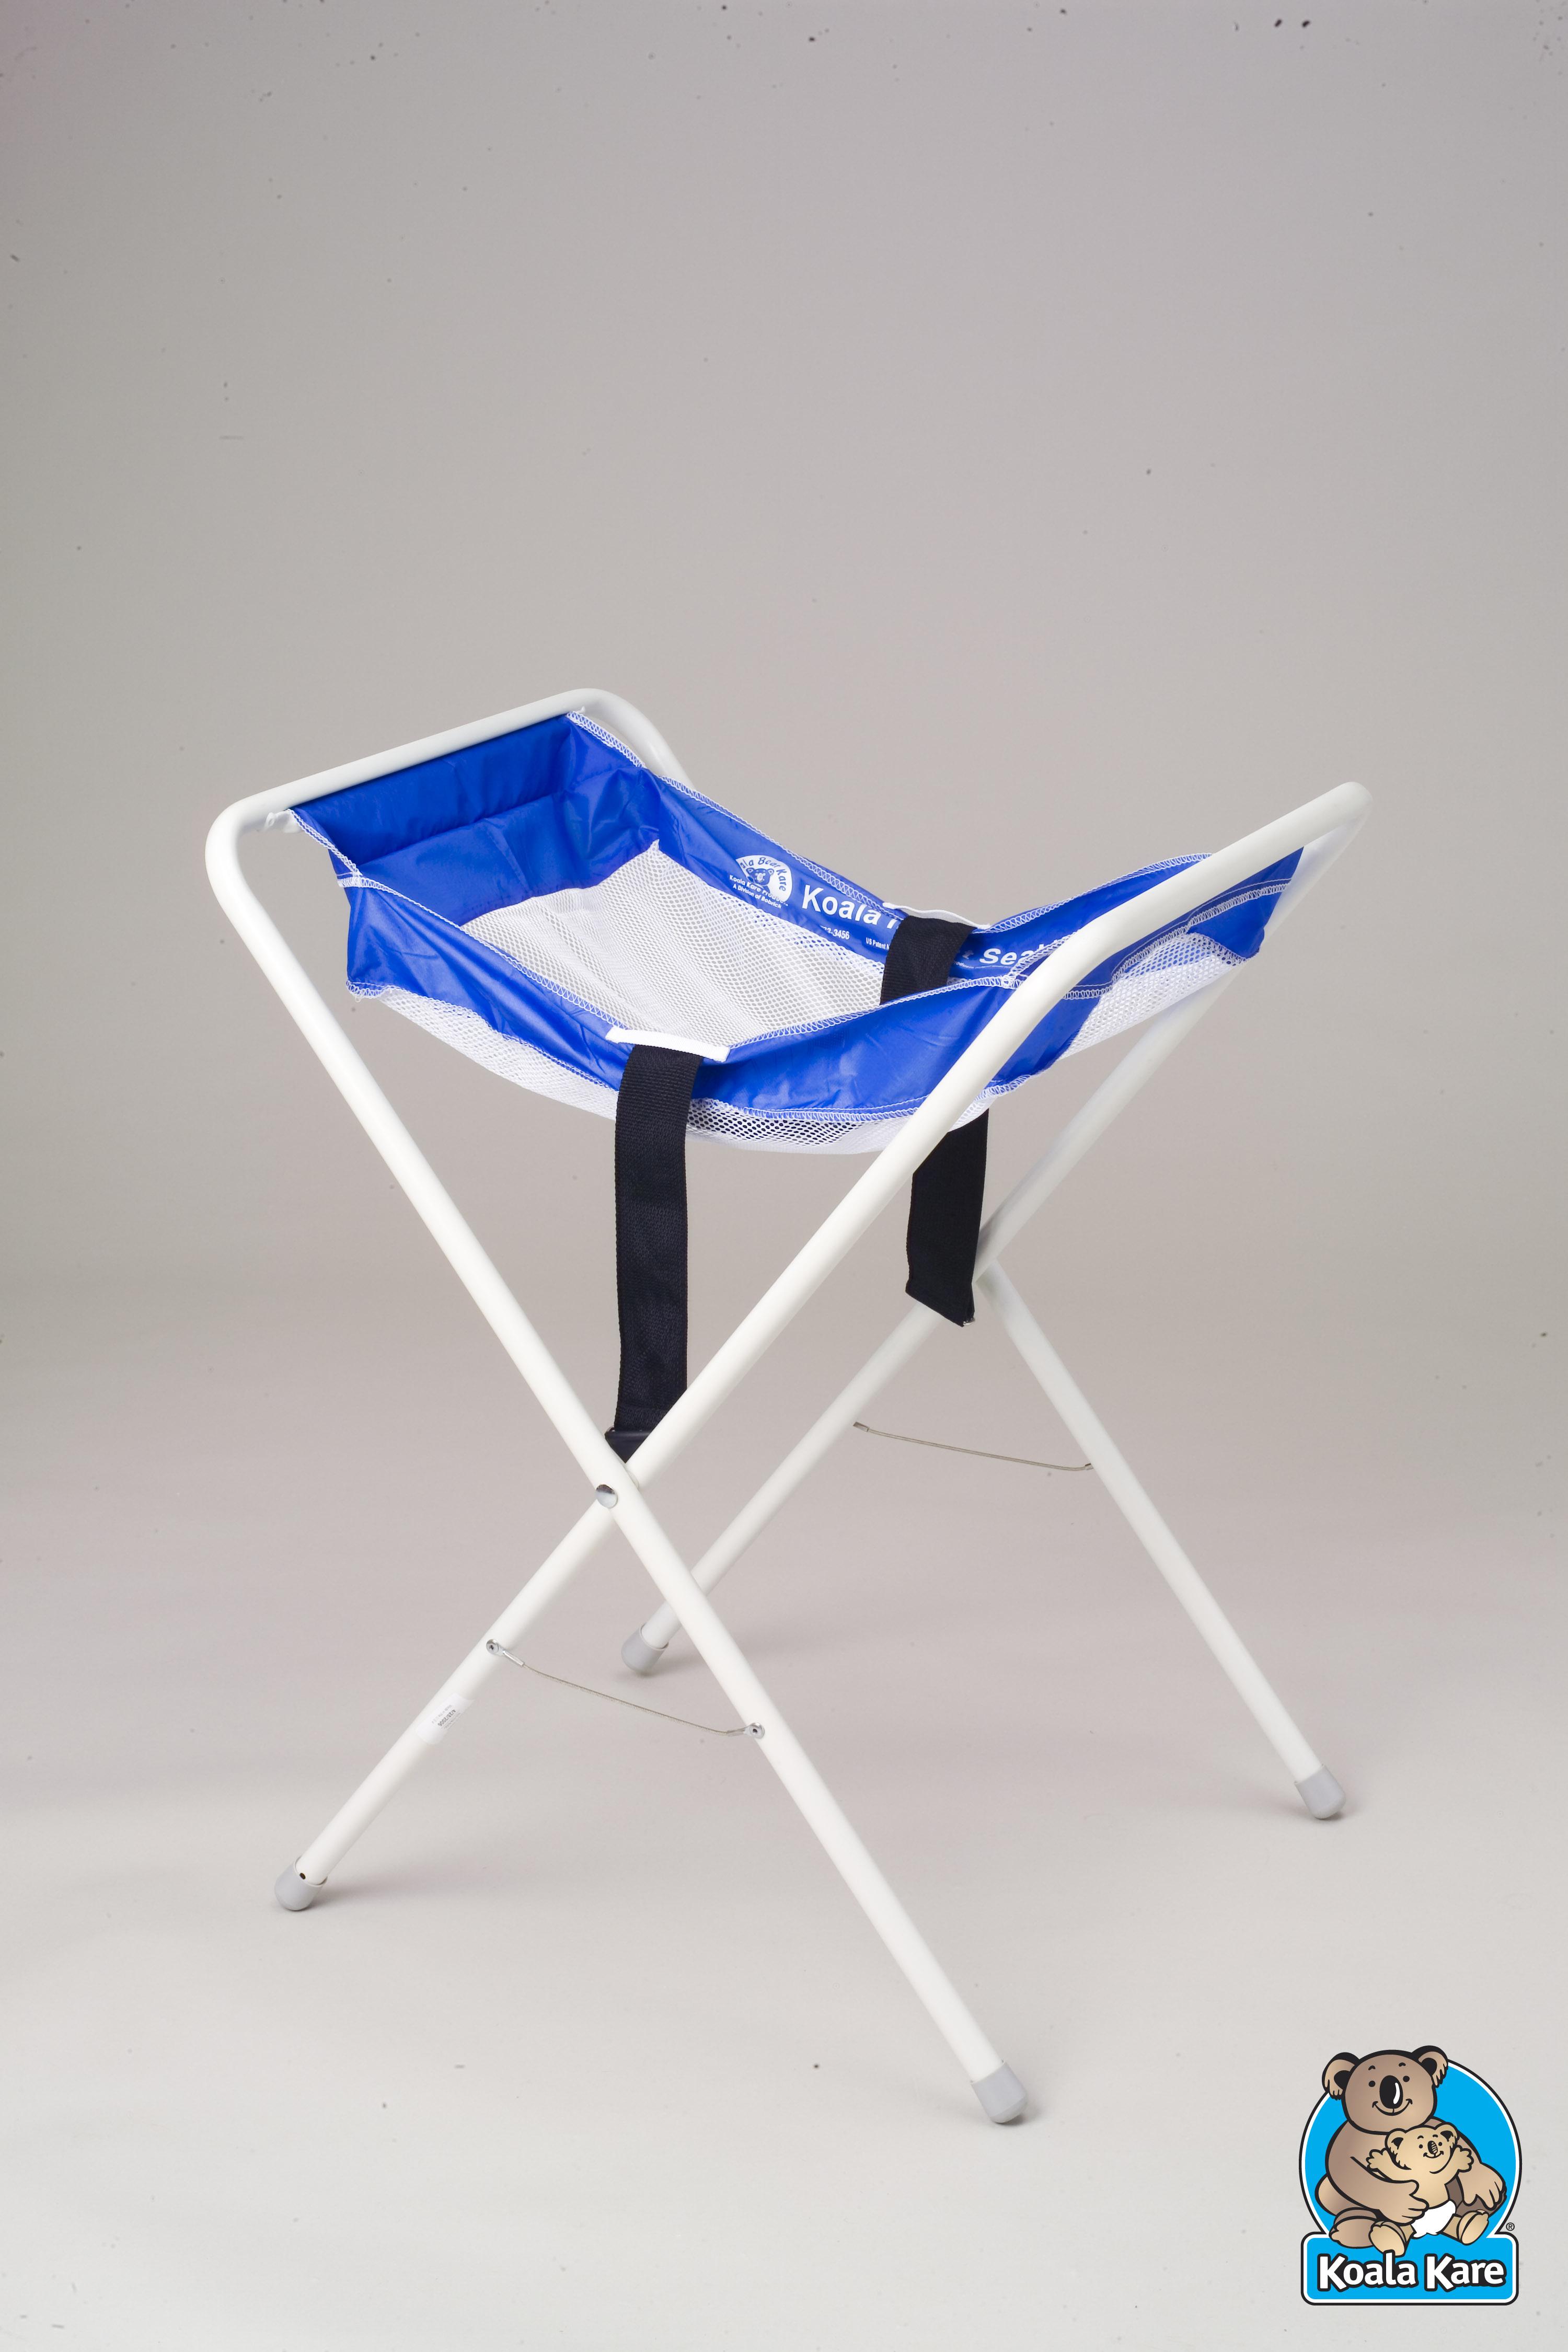 Koala Kare KB115-99 Blue/White Infant Kradle Seat